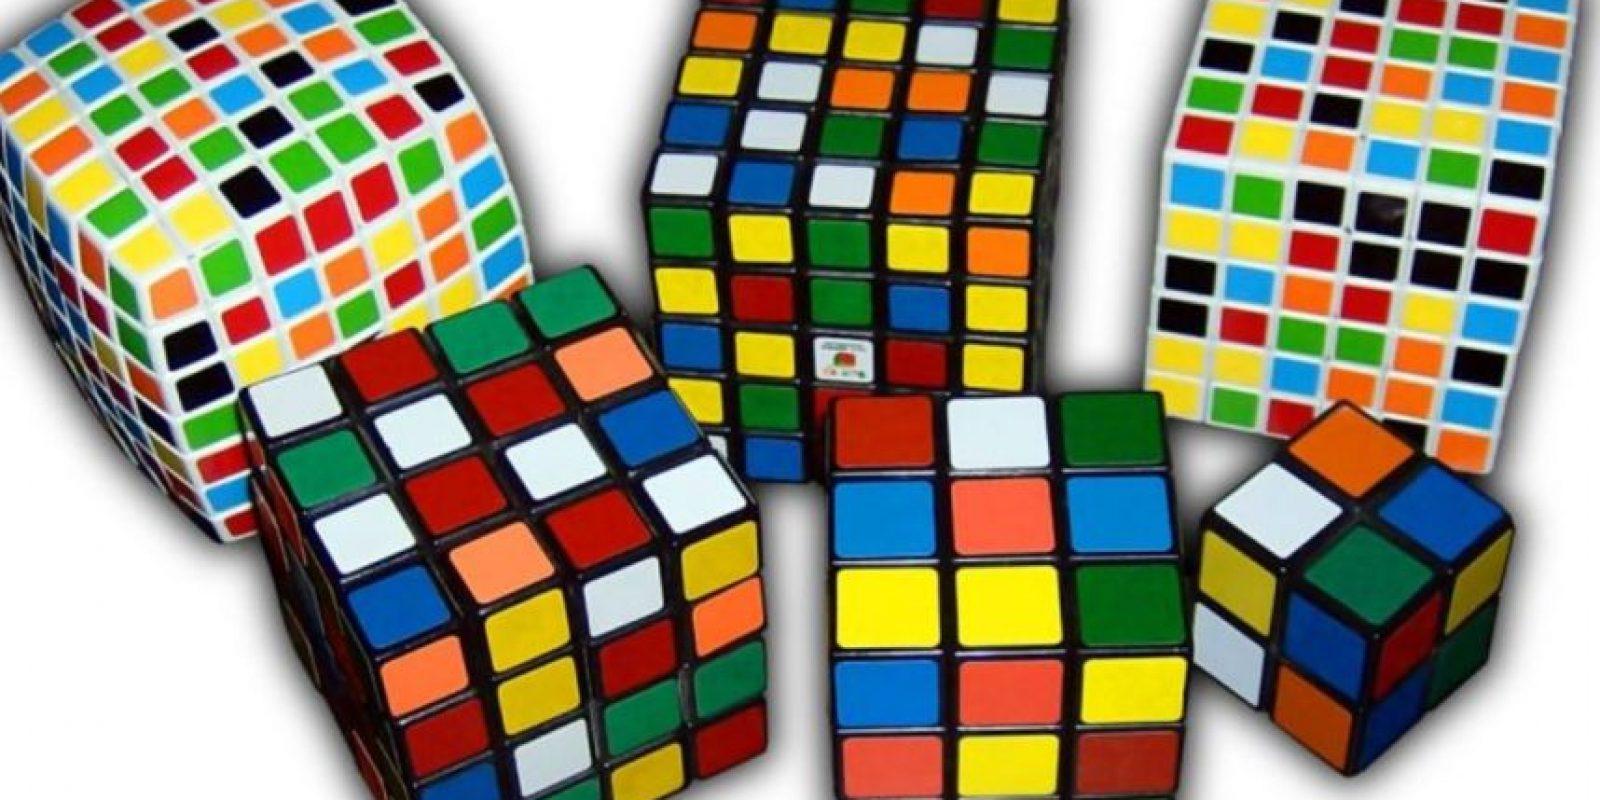 Actualmente existen varios rompecabezas que ya no cuentan con la tradicional forma cúbica. Foto:Wikicommons